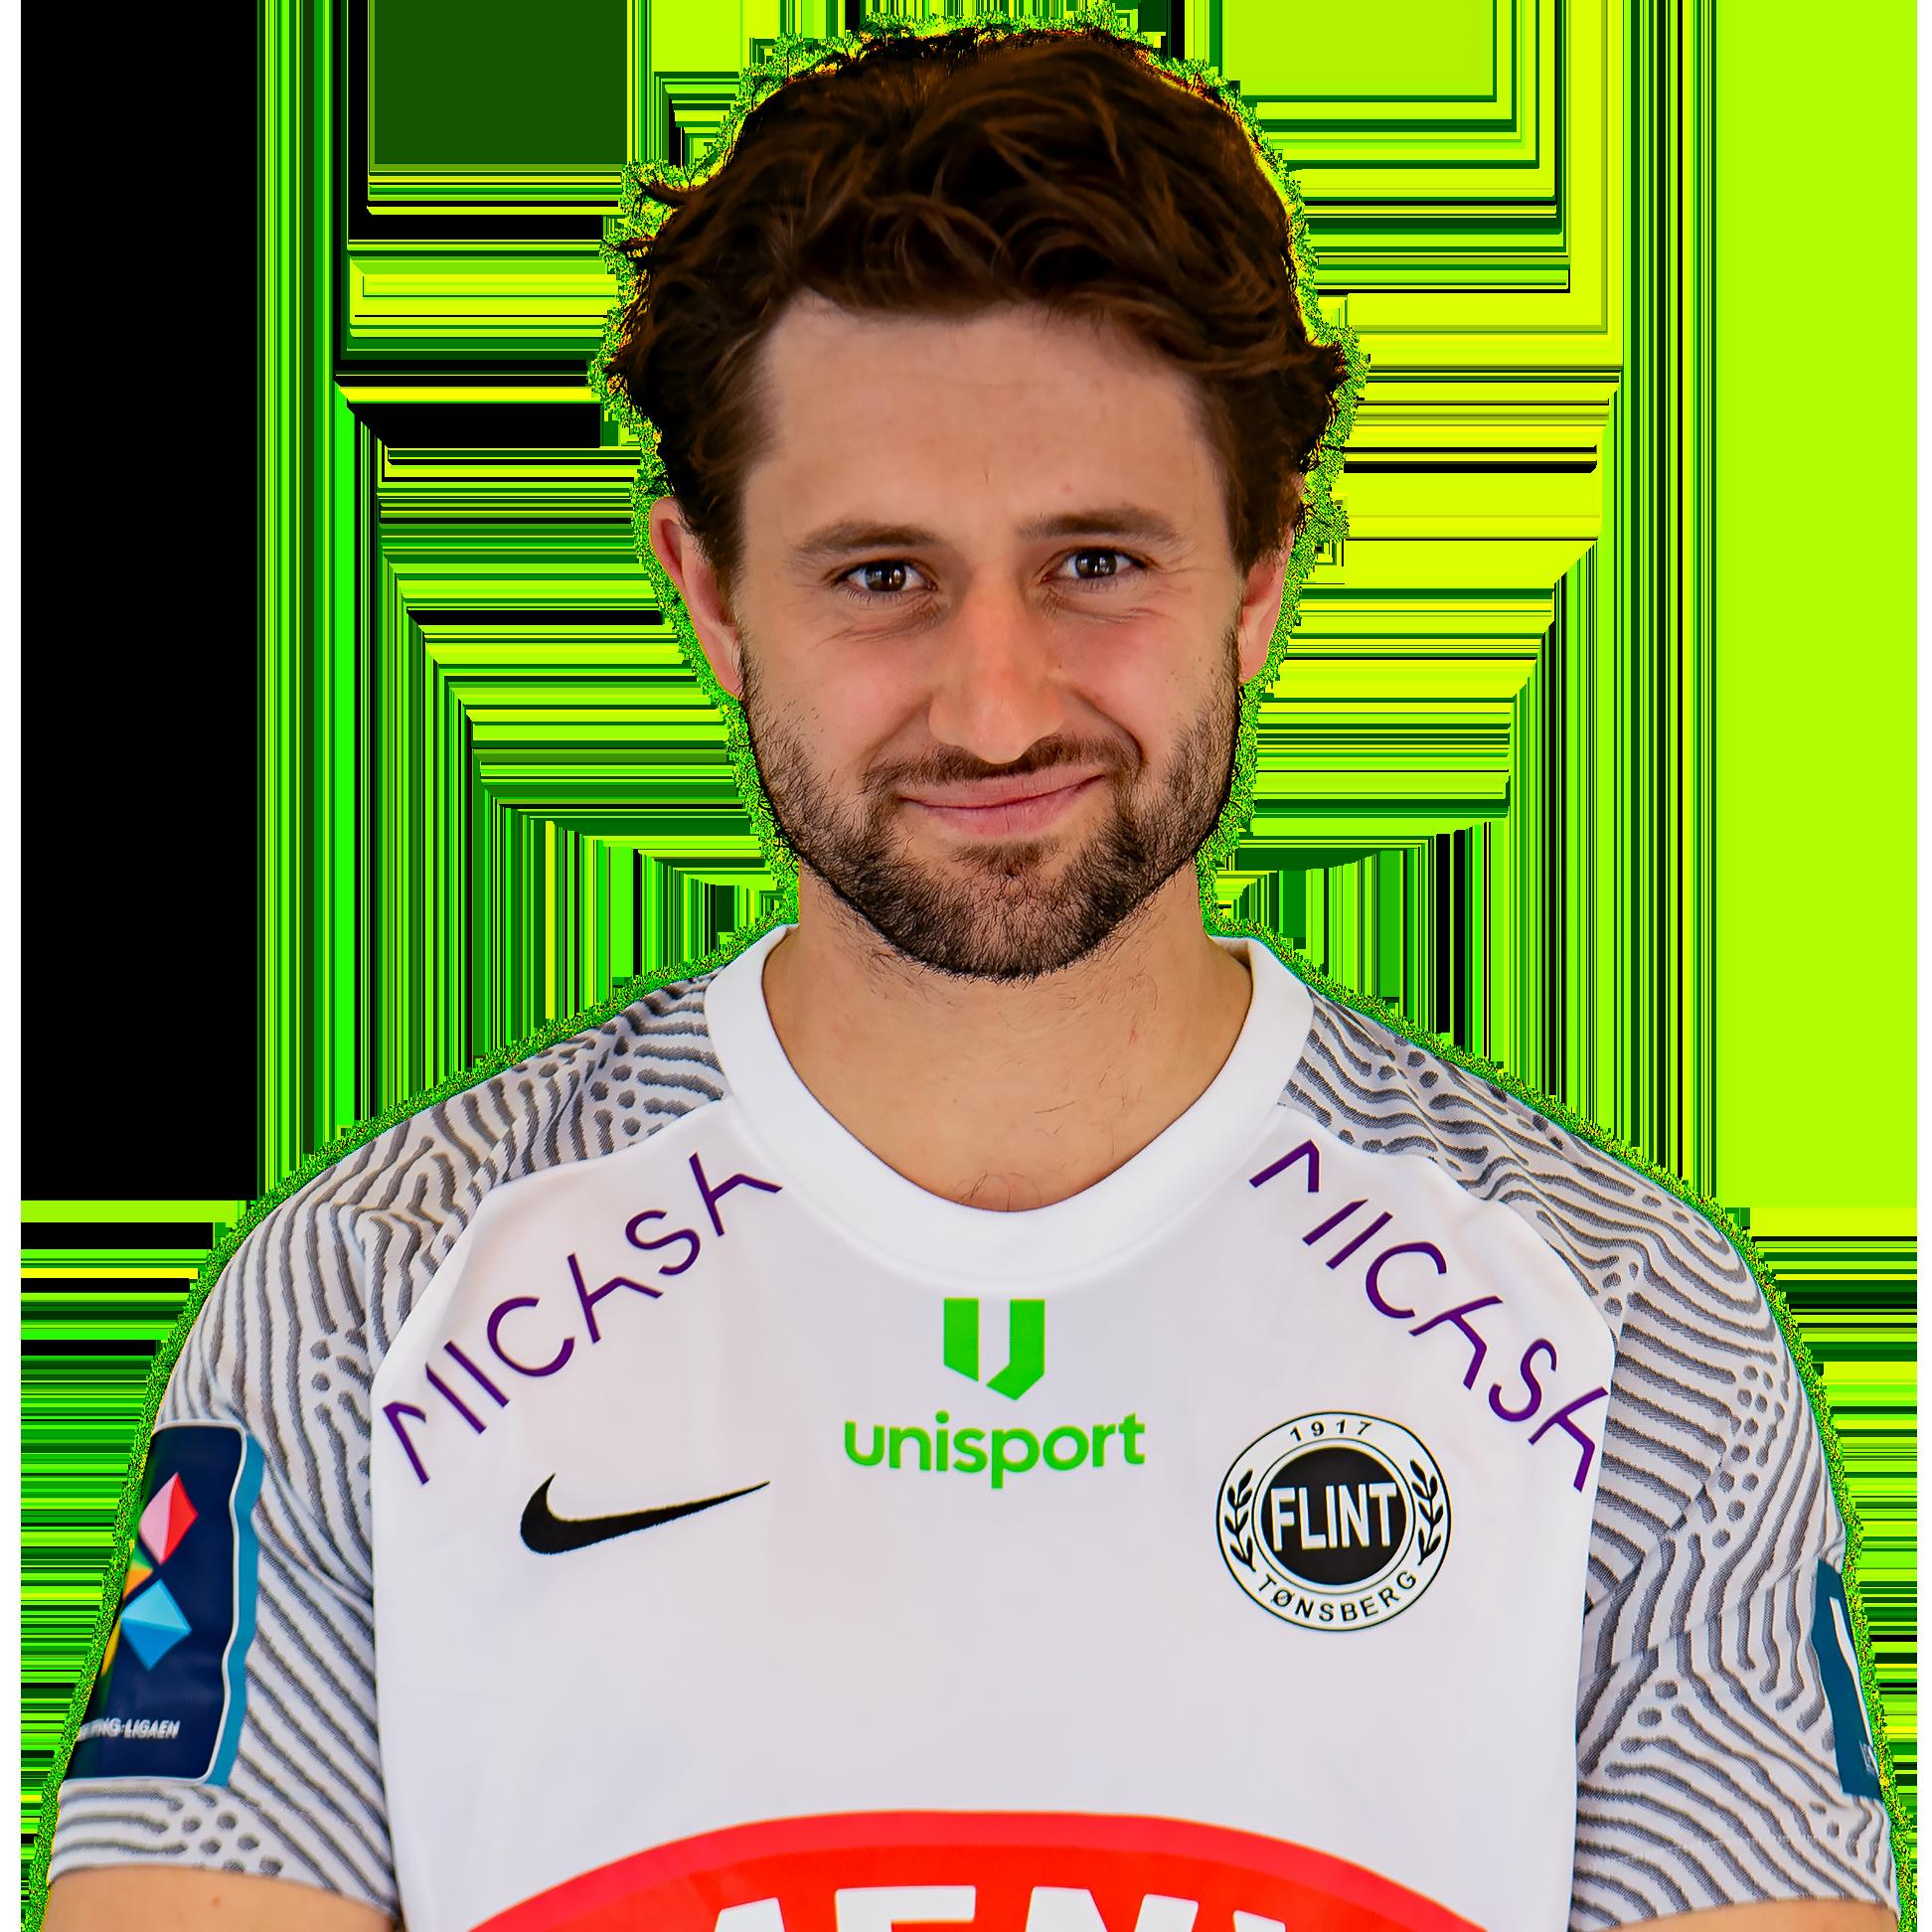 https://www.flintfotball.no/wp-content/uploads/2021/07/Christian-Steen-Hansen.png